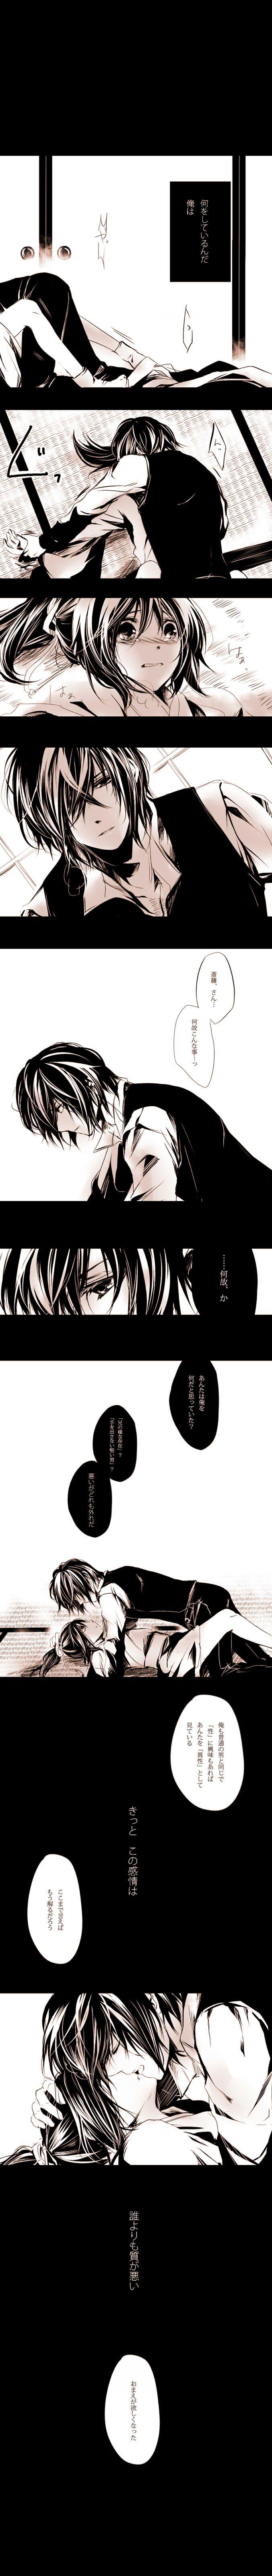 Hakuouki // Saito Hajime x Chizuru // Hakuouki //